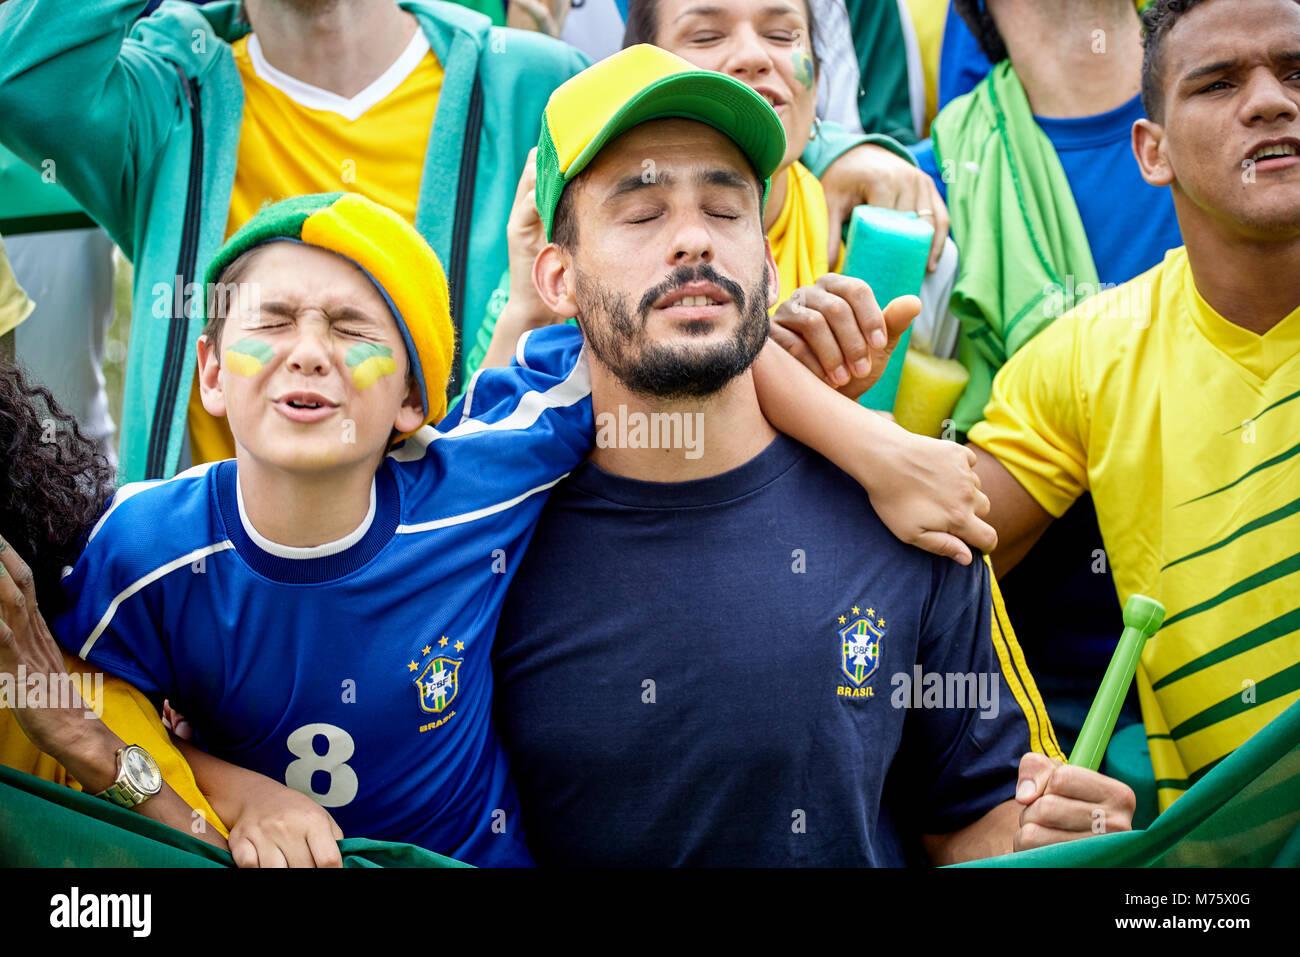 Brasilianischen Fußball-Fans auf der Suche umgekippt am Fußballspiel Stockbild